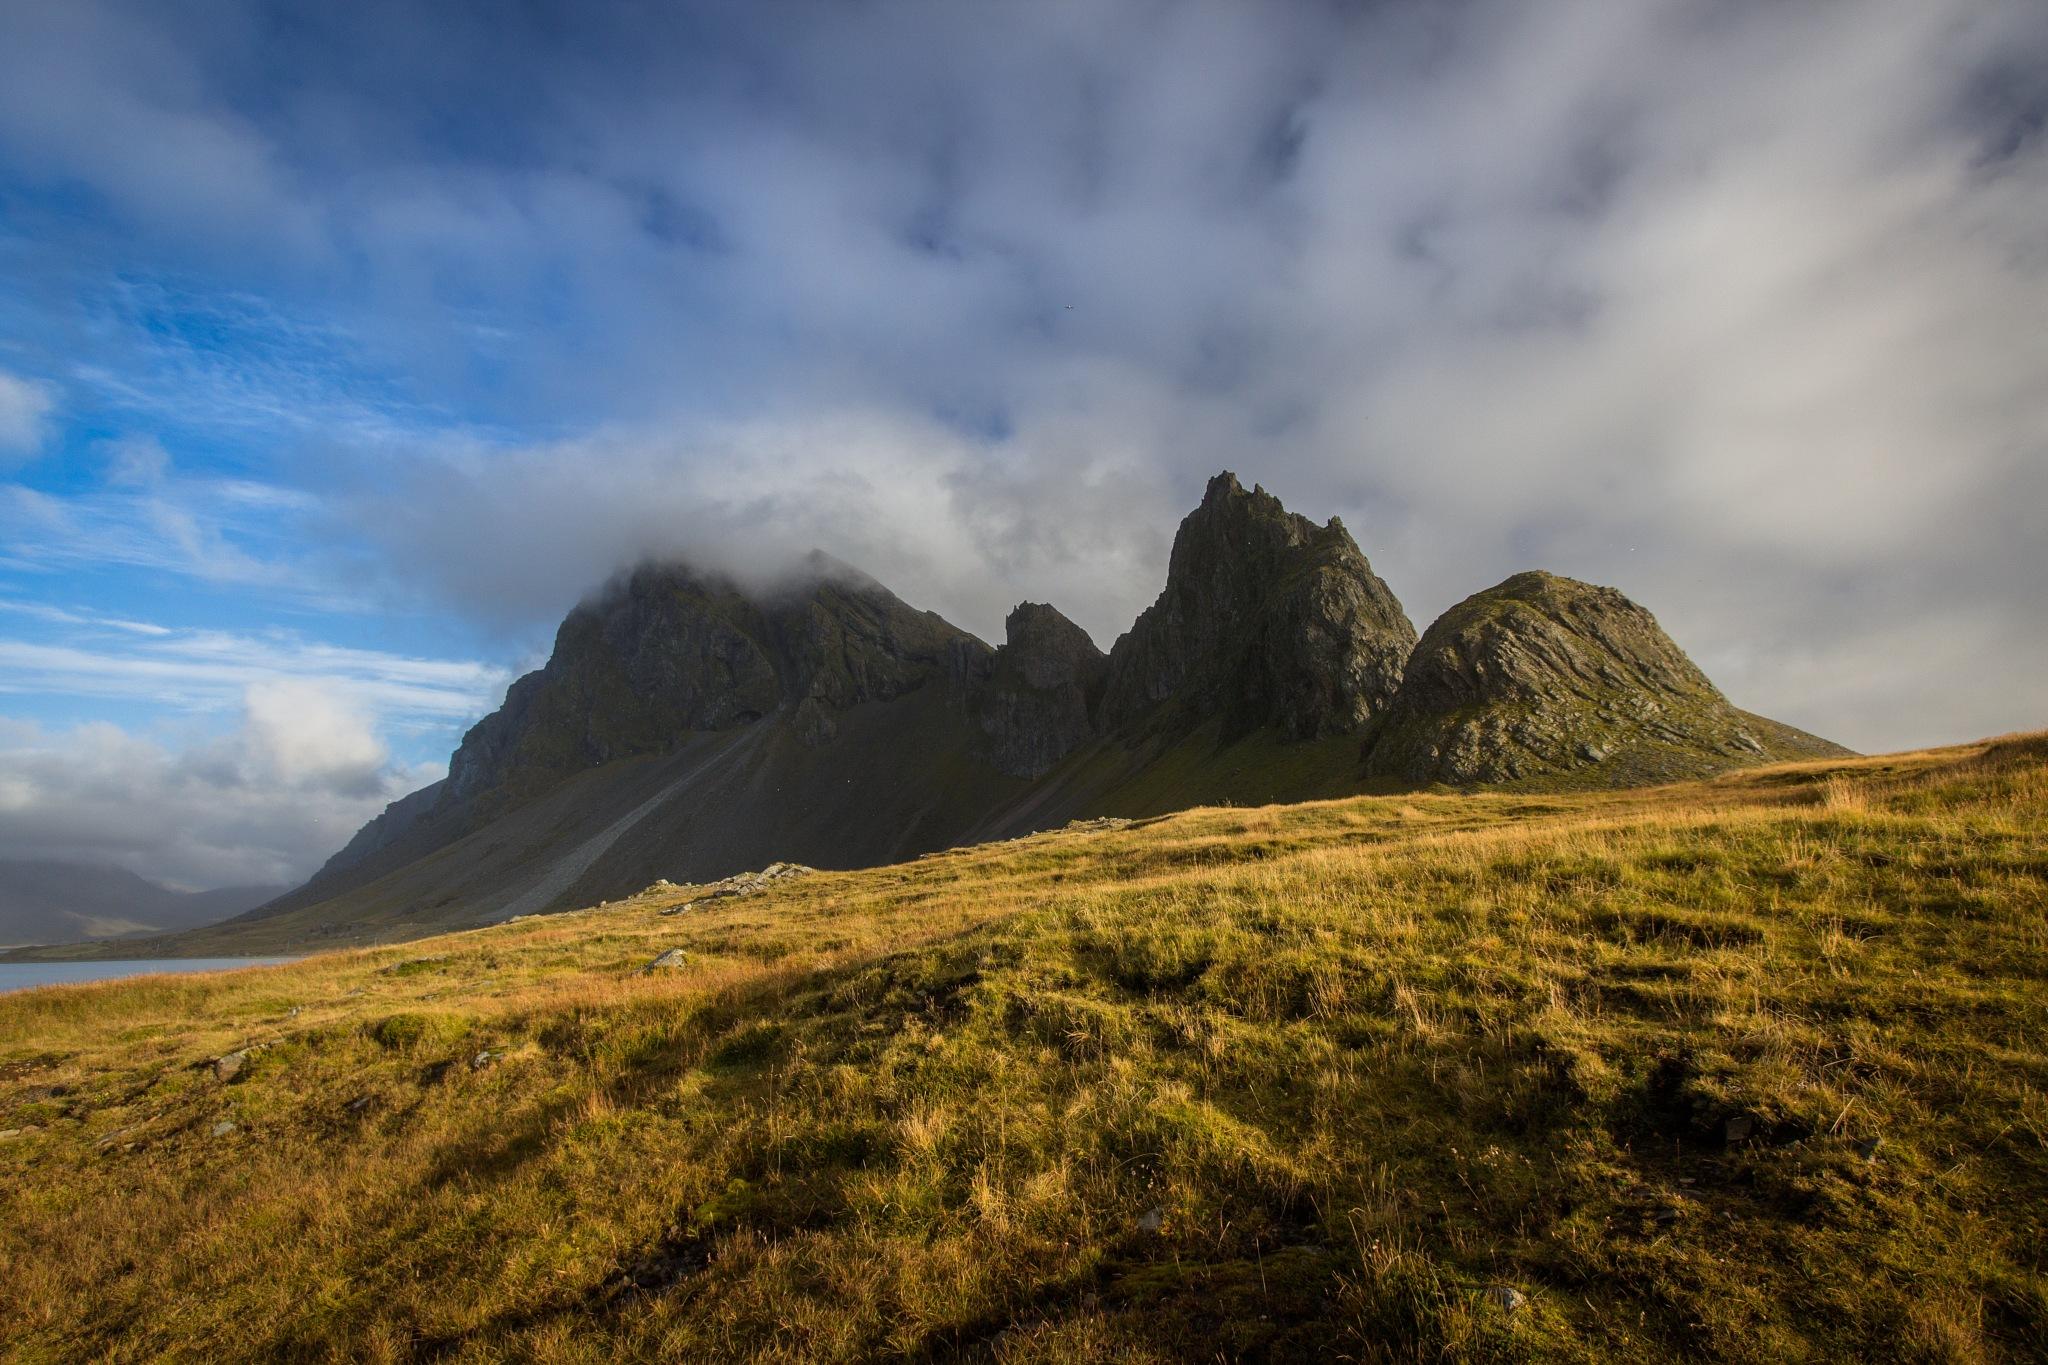 Mountain giants by LukeArts